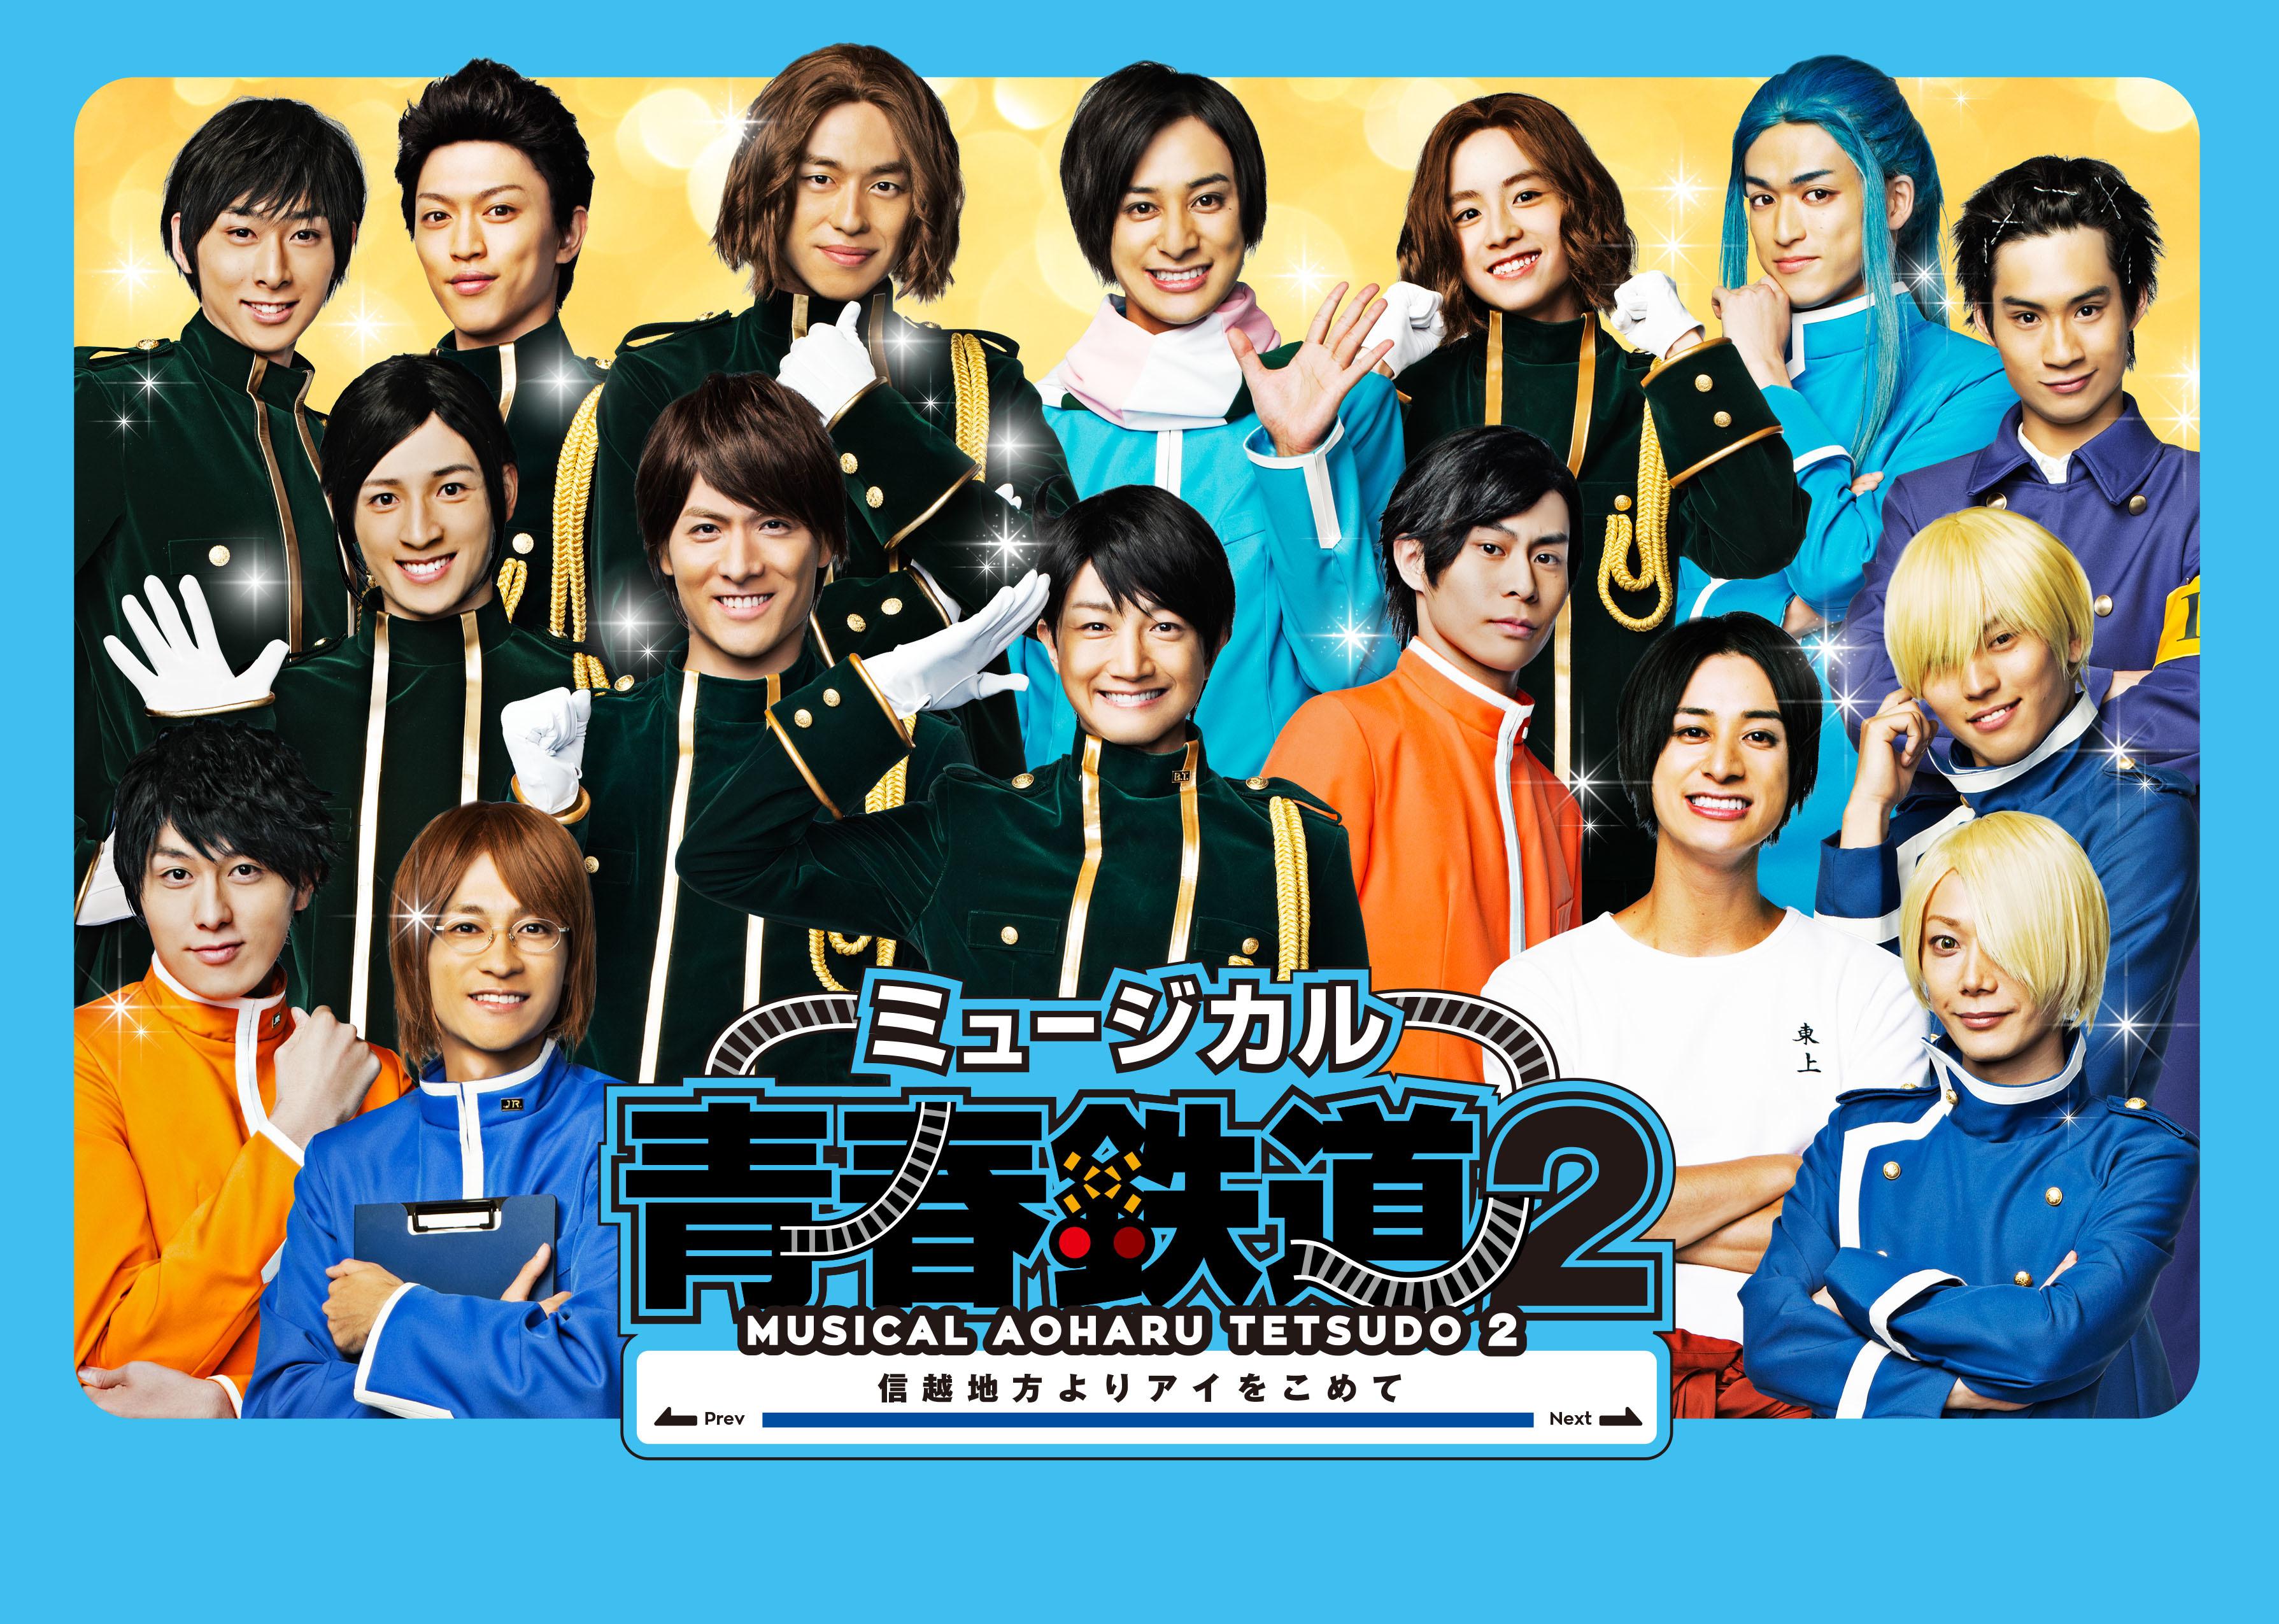 ミュージカル『青春-AOHARU-鉄道』2~信越地方よりアイをこめて~ メインビジュアル (C)青春 (C)ミュージカル『青春鉄道』製作委員会 